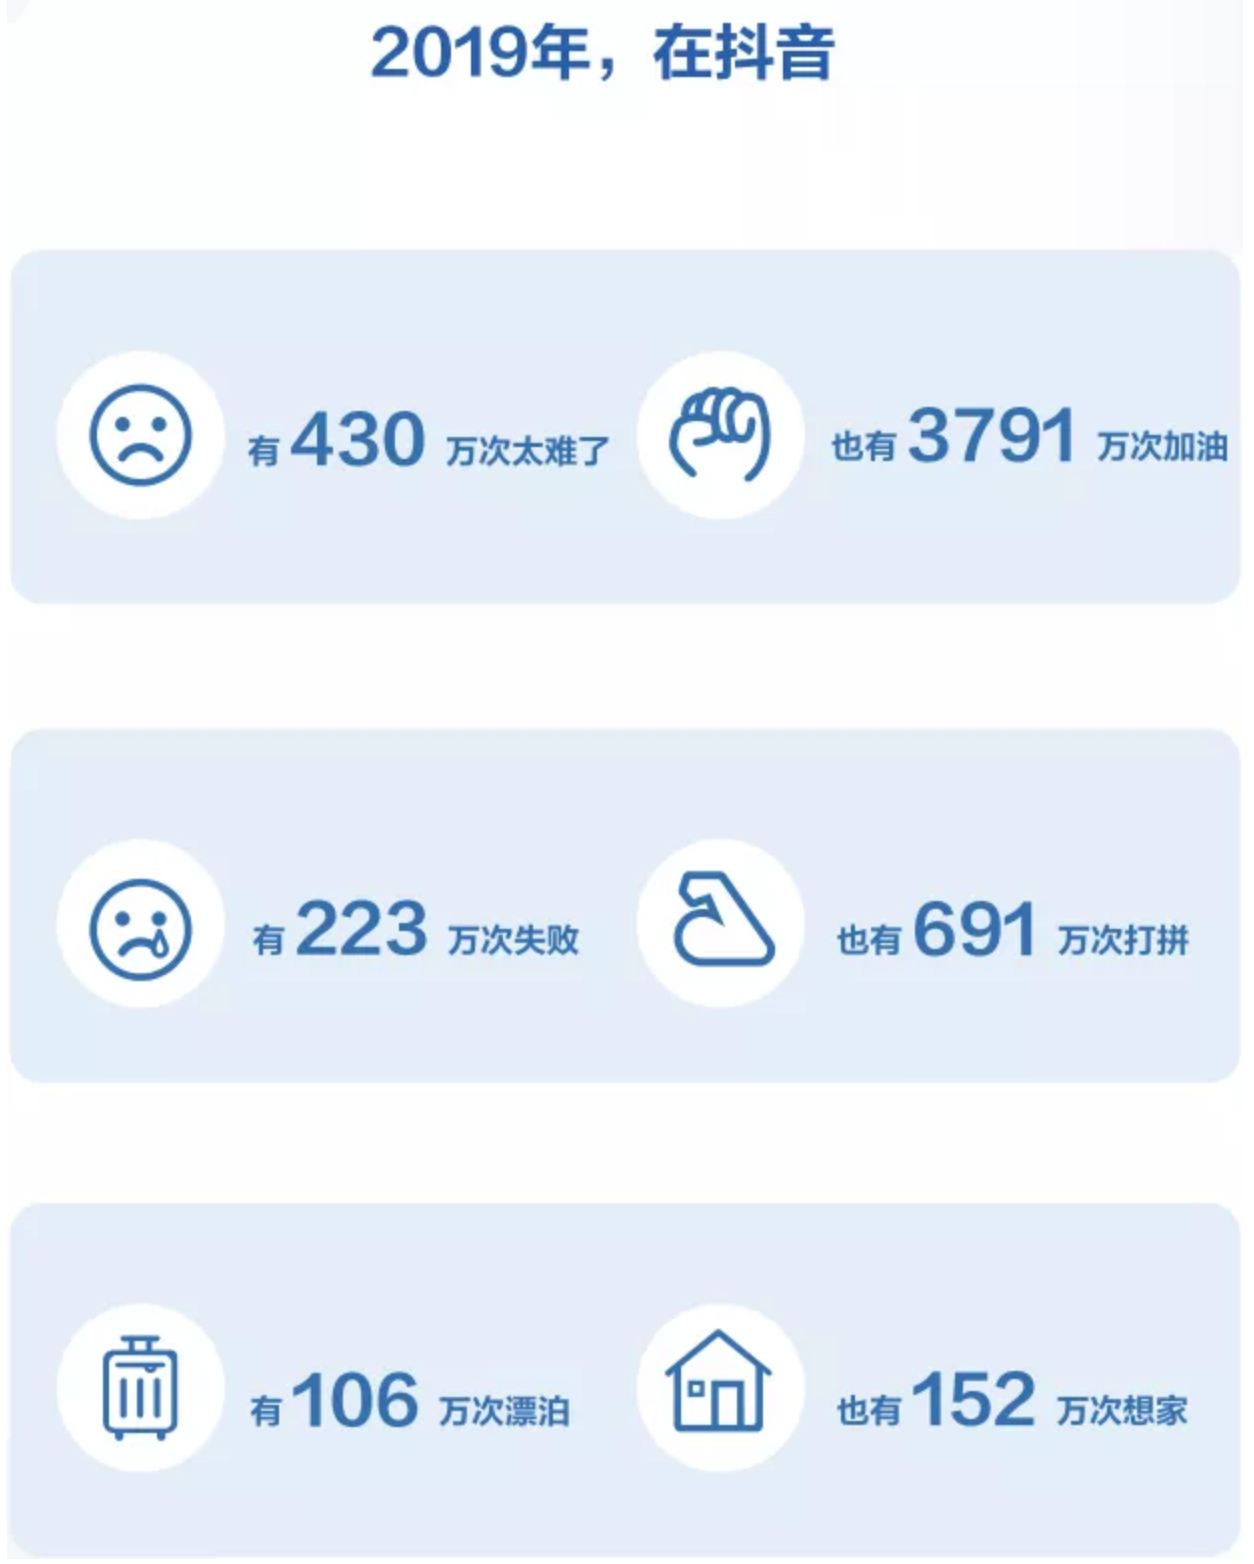 """日活突破4个亿,东三省彻底亮了!抖音""""成绩单""""刷爆朋友圈"""